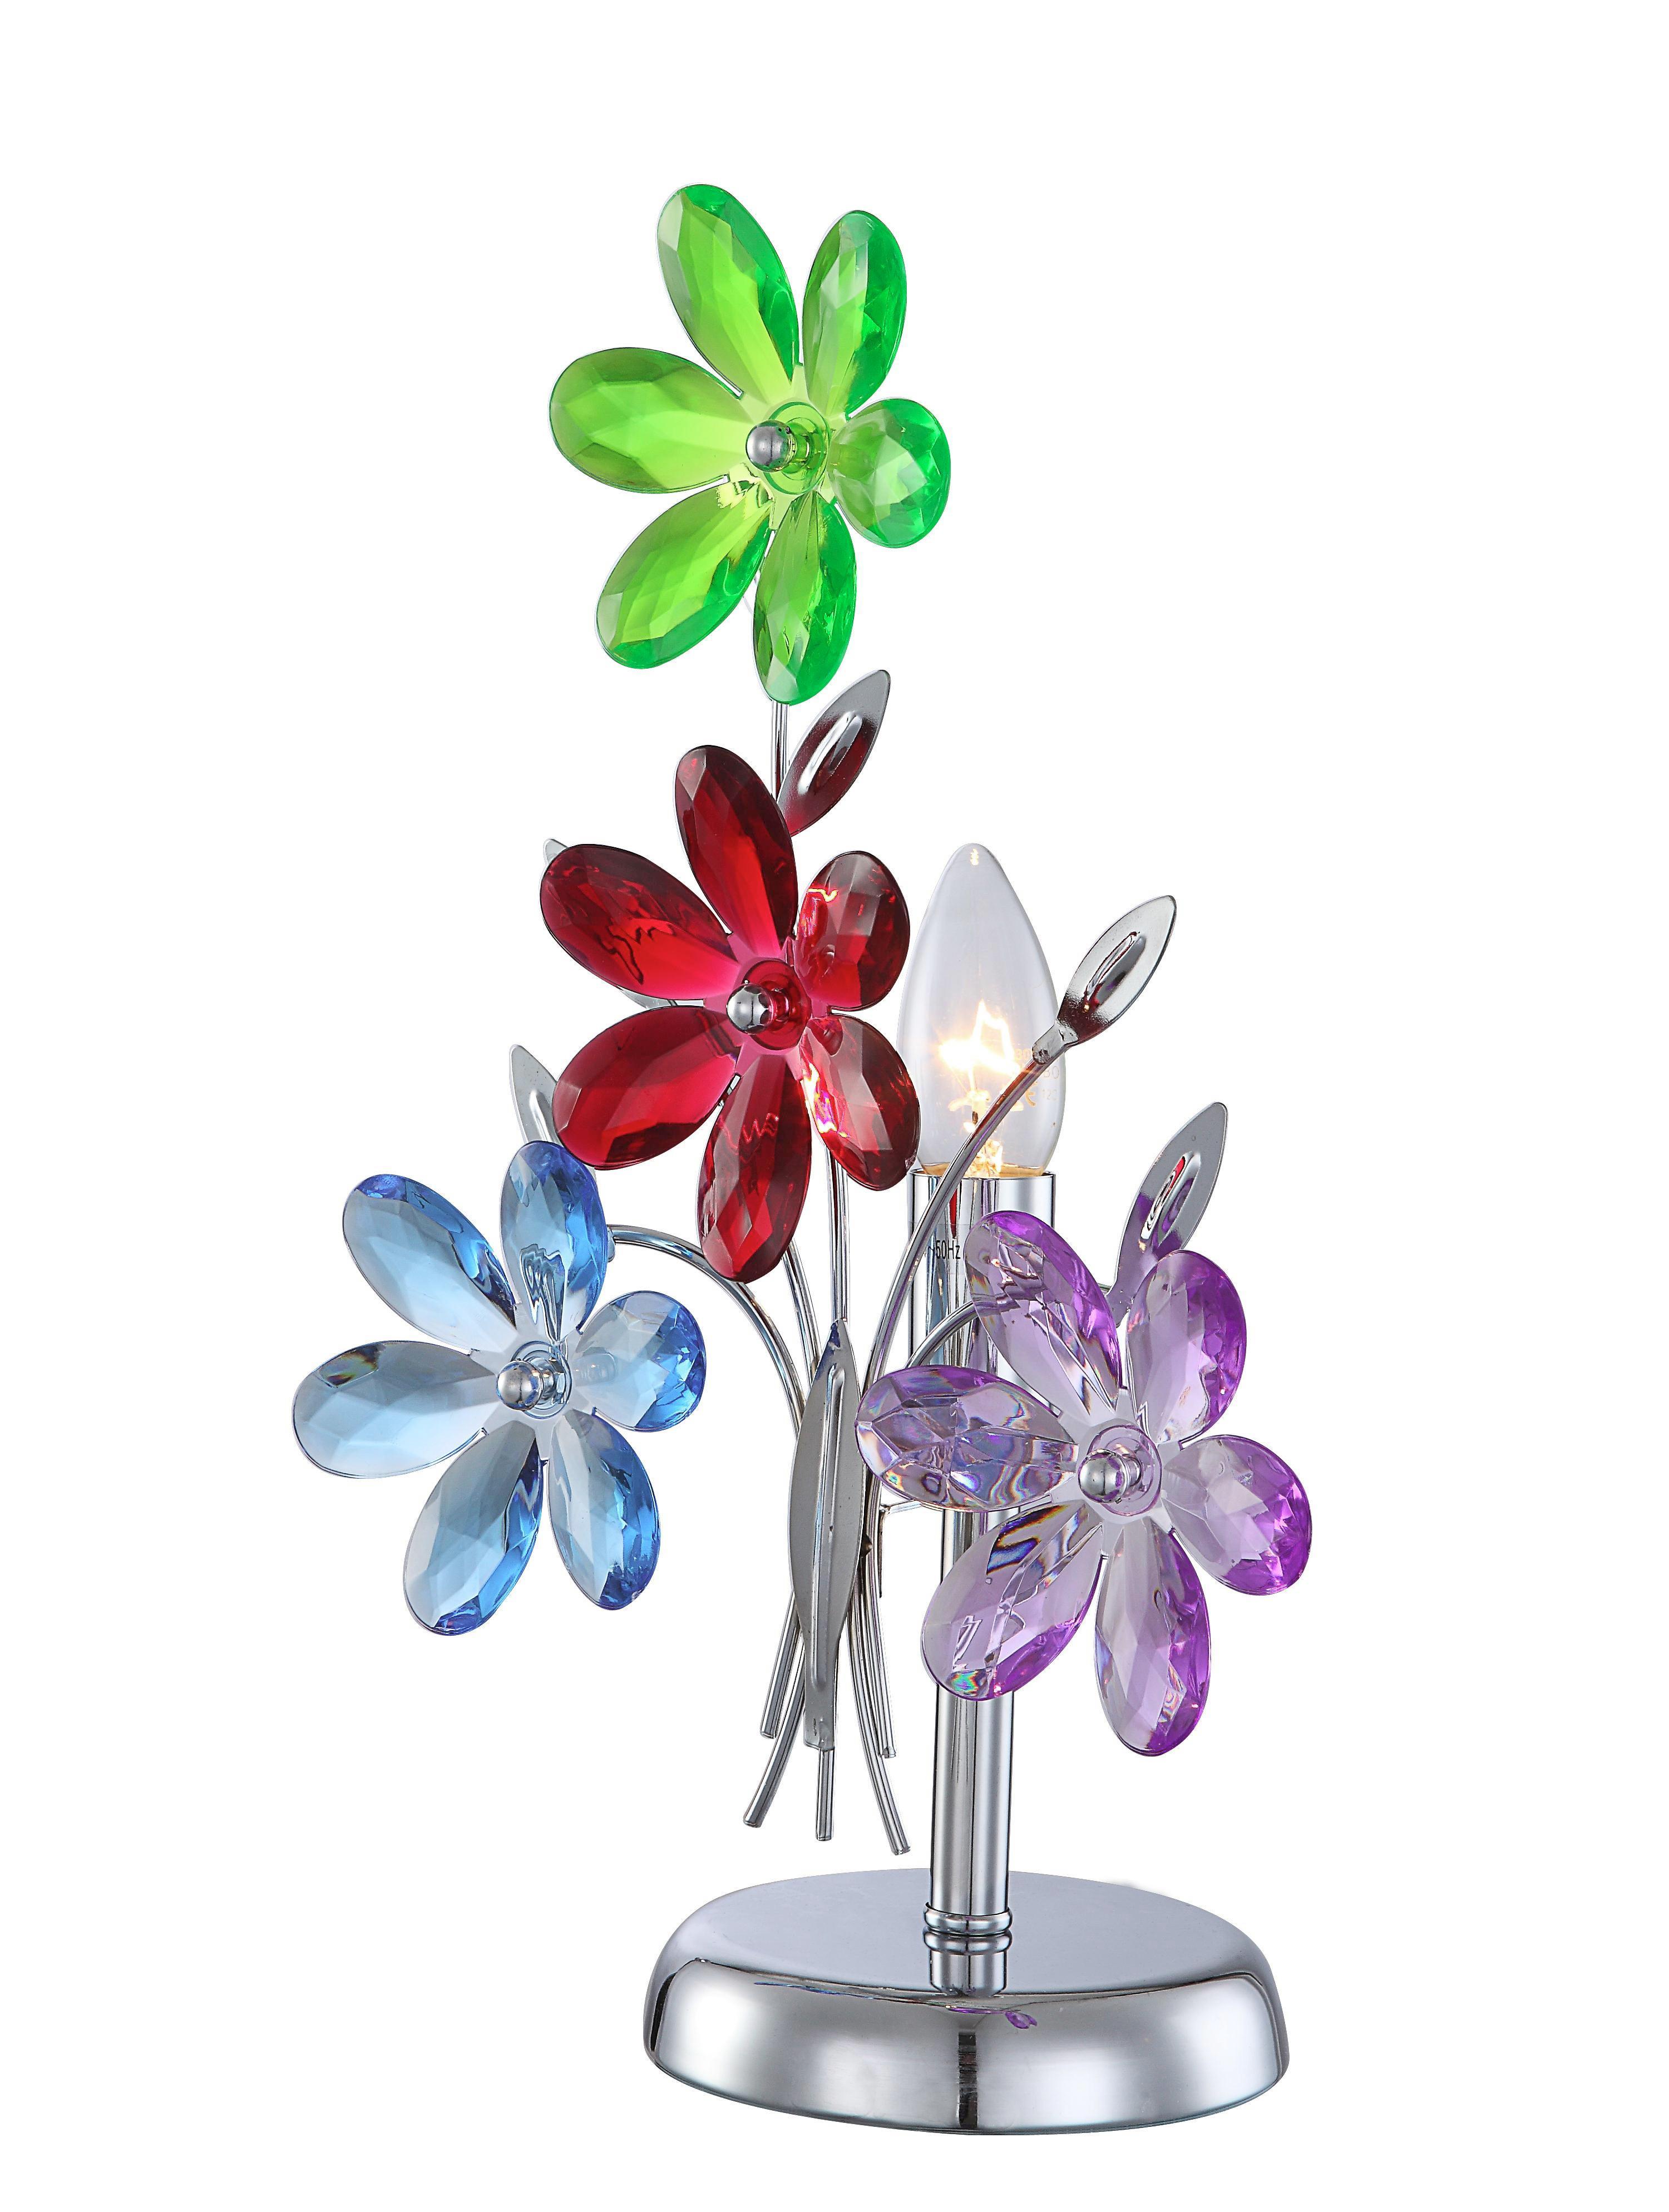 Tischleuchte Rainbow - Multicolor, KONVENTIONELL, Kunststoff/Metall (23,5/37cm)